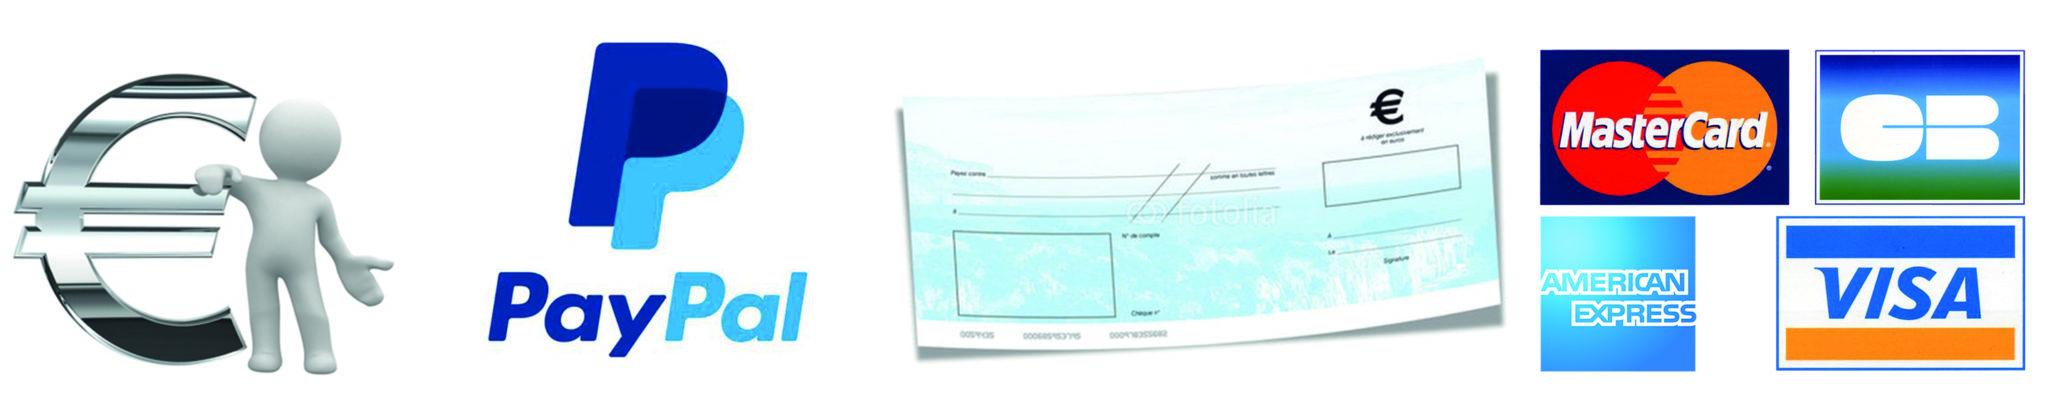 Espèces, Chèques, Carte Bleue, sont acceptées, ainsi que les paiements par Paypal.